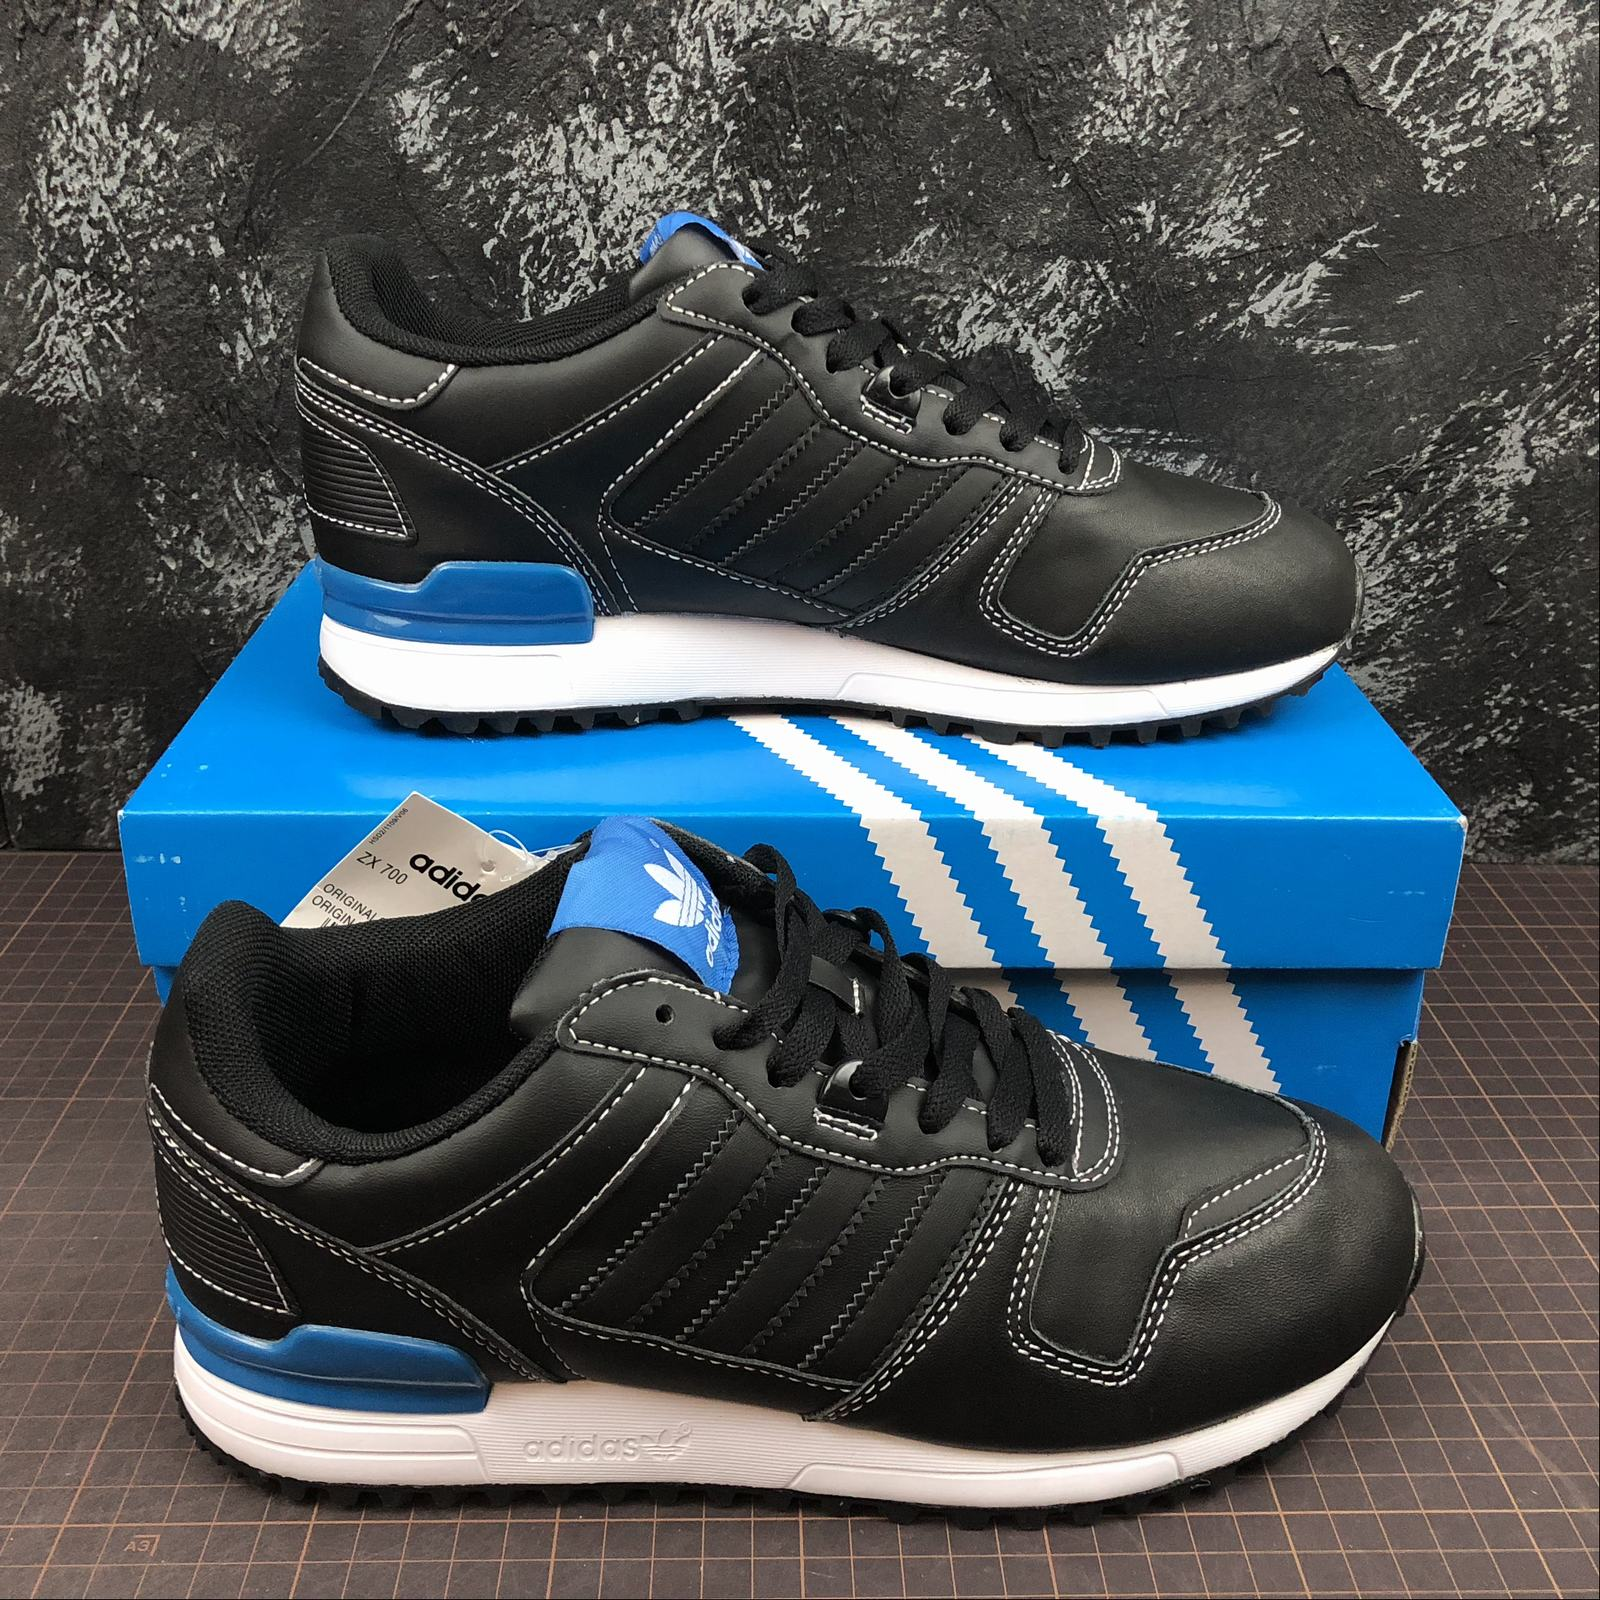 giay-sneaker-adidas-zx700-g68638